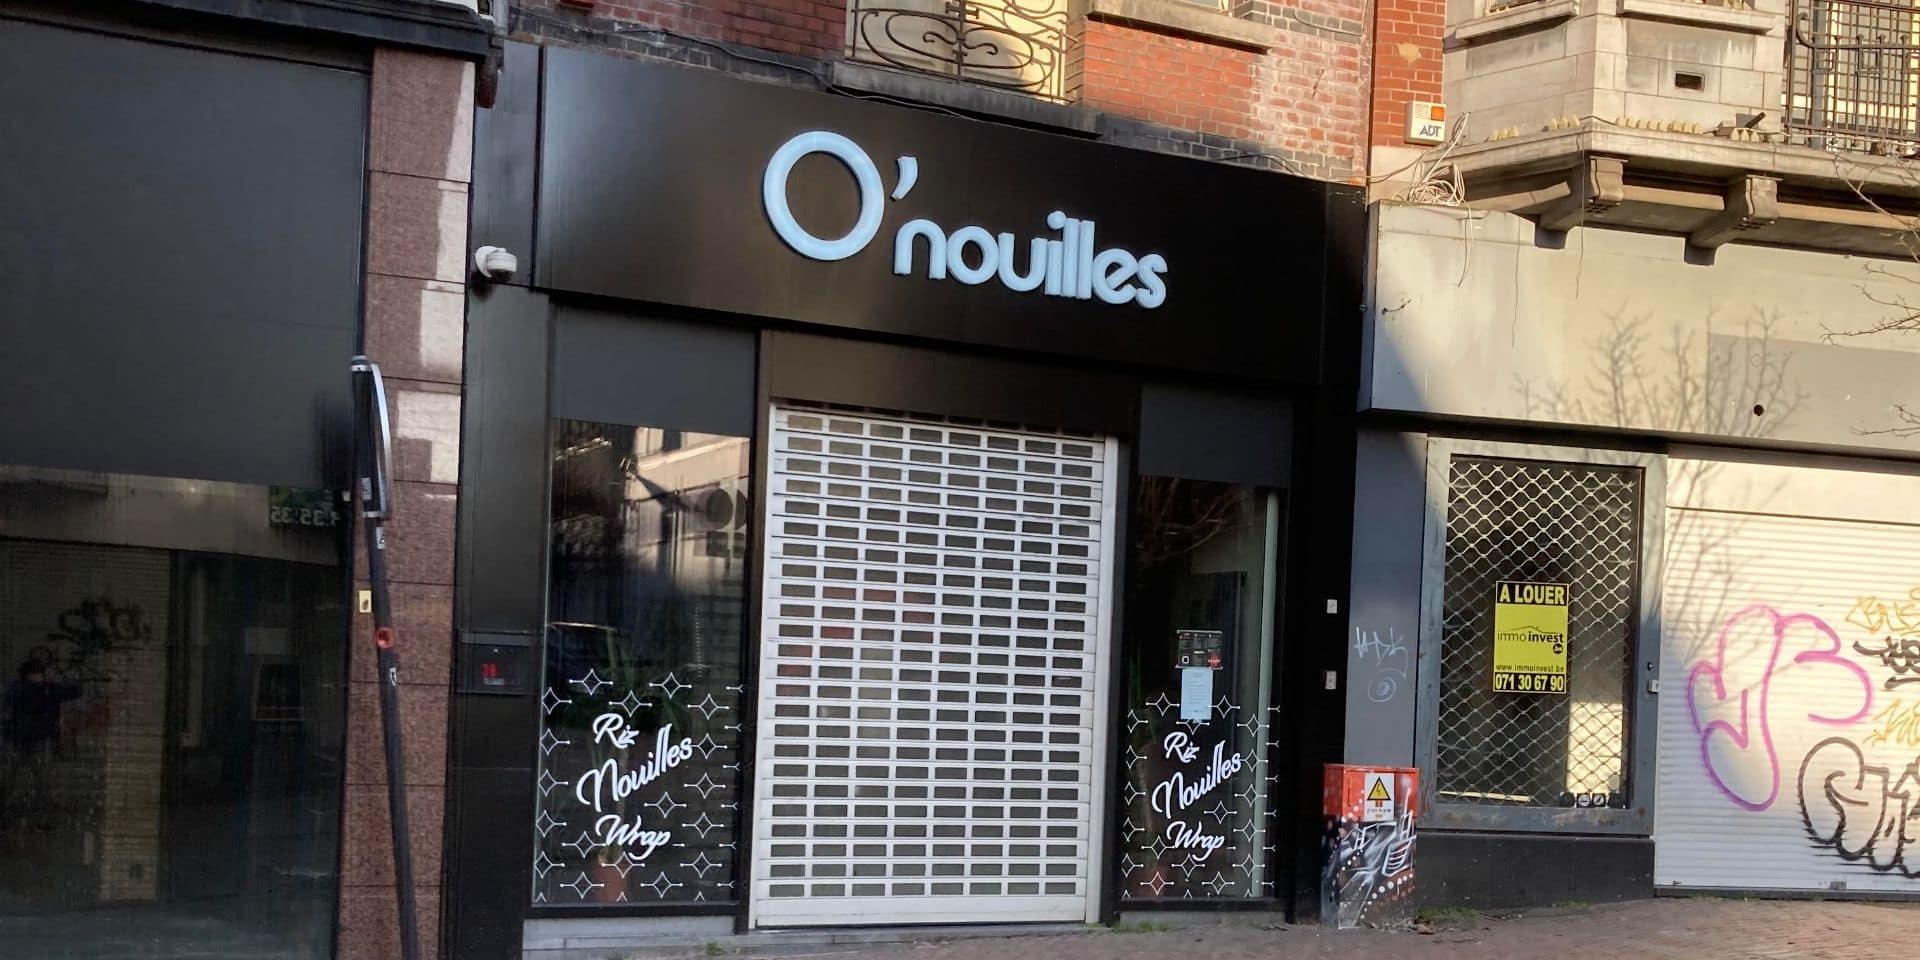 O'Nouilles et Socio-pâtes, deux restaurants carolos qui ont ouvert leurs portes durant la crise sanitaire